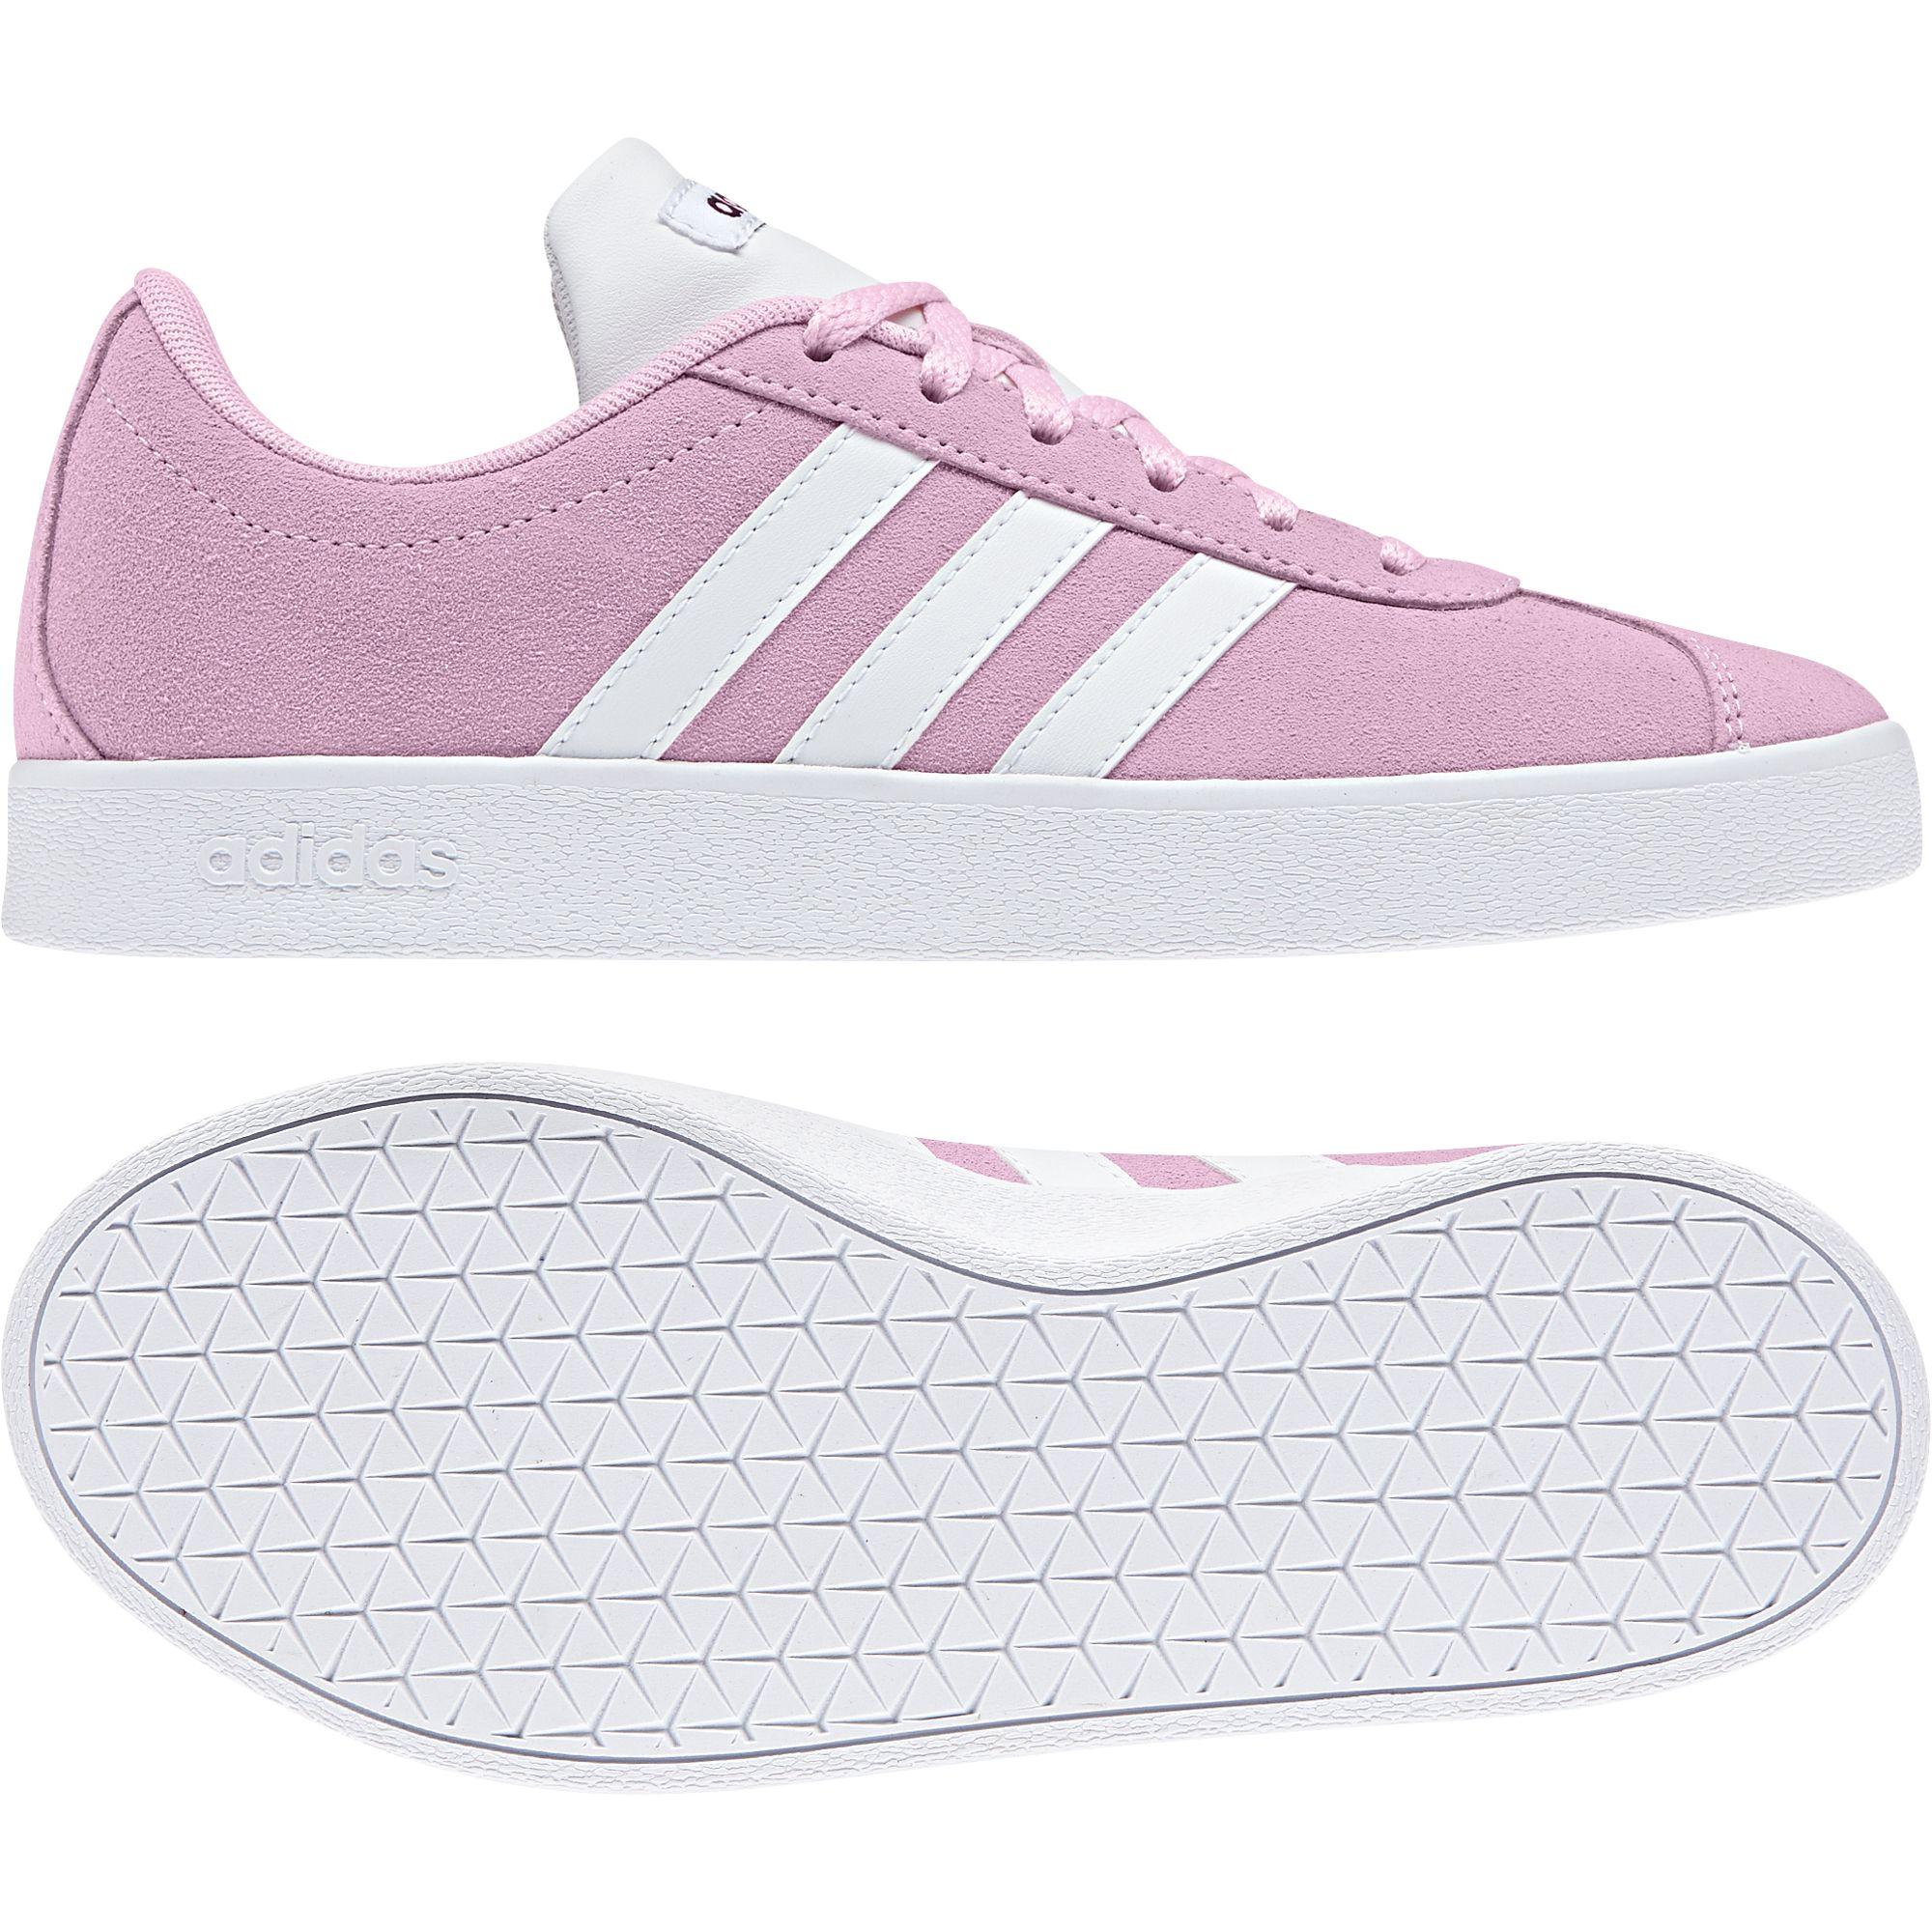 Akciós | Adidas kamasz lány cipő VL COURT 2.0 K | Markasbolt